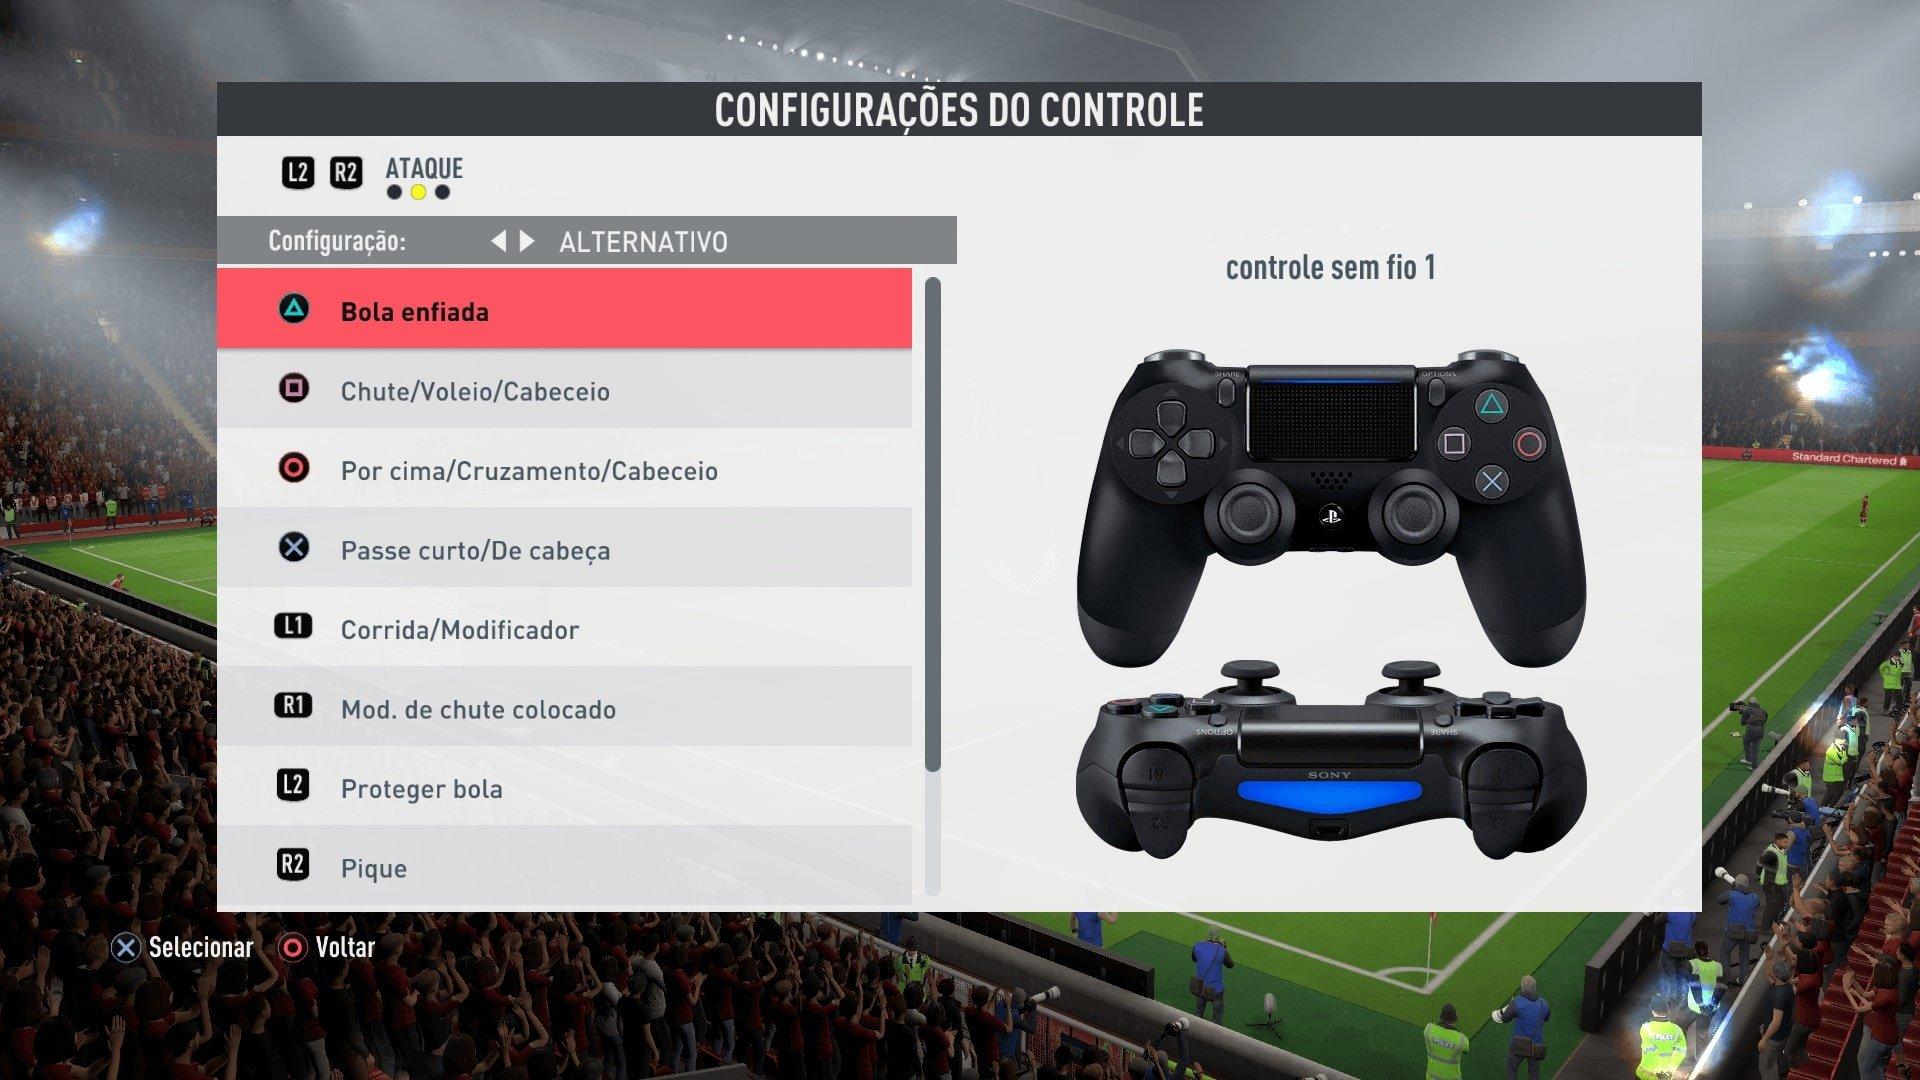 controles do fifa 20